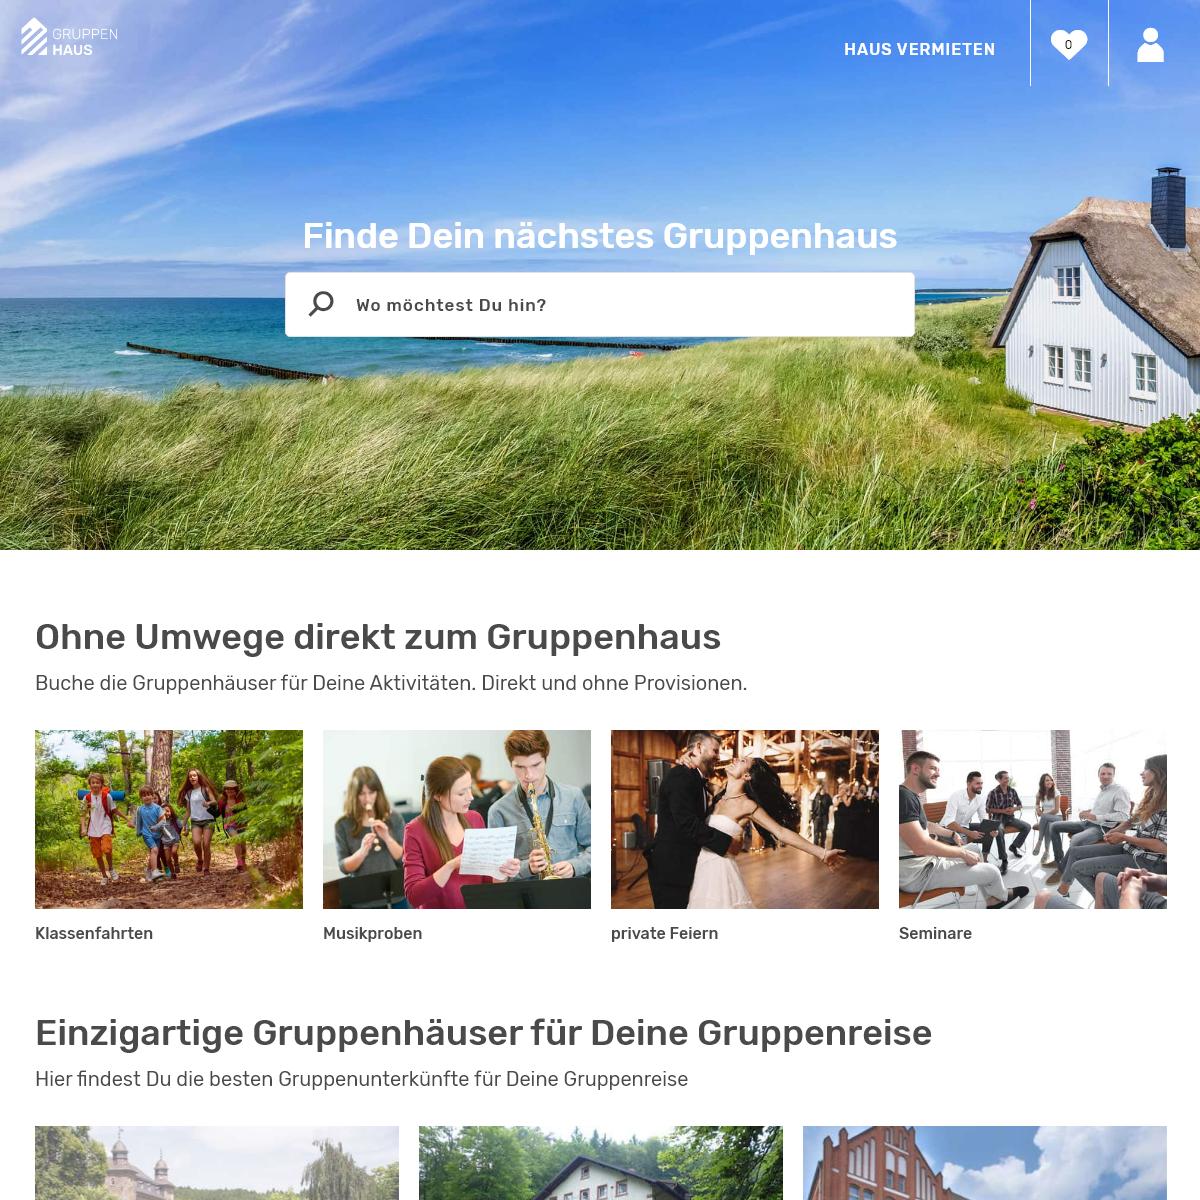 gruppenhaus.de - Die größte Auswahl an Gruppenunterkünften